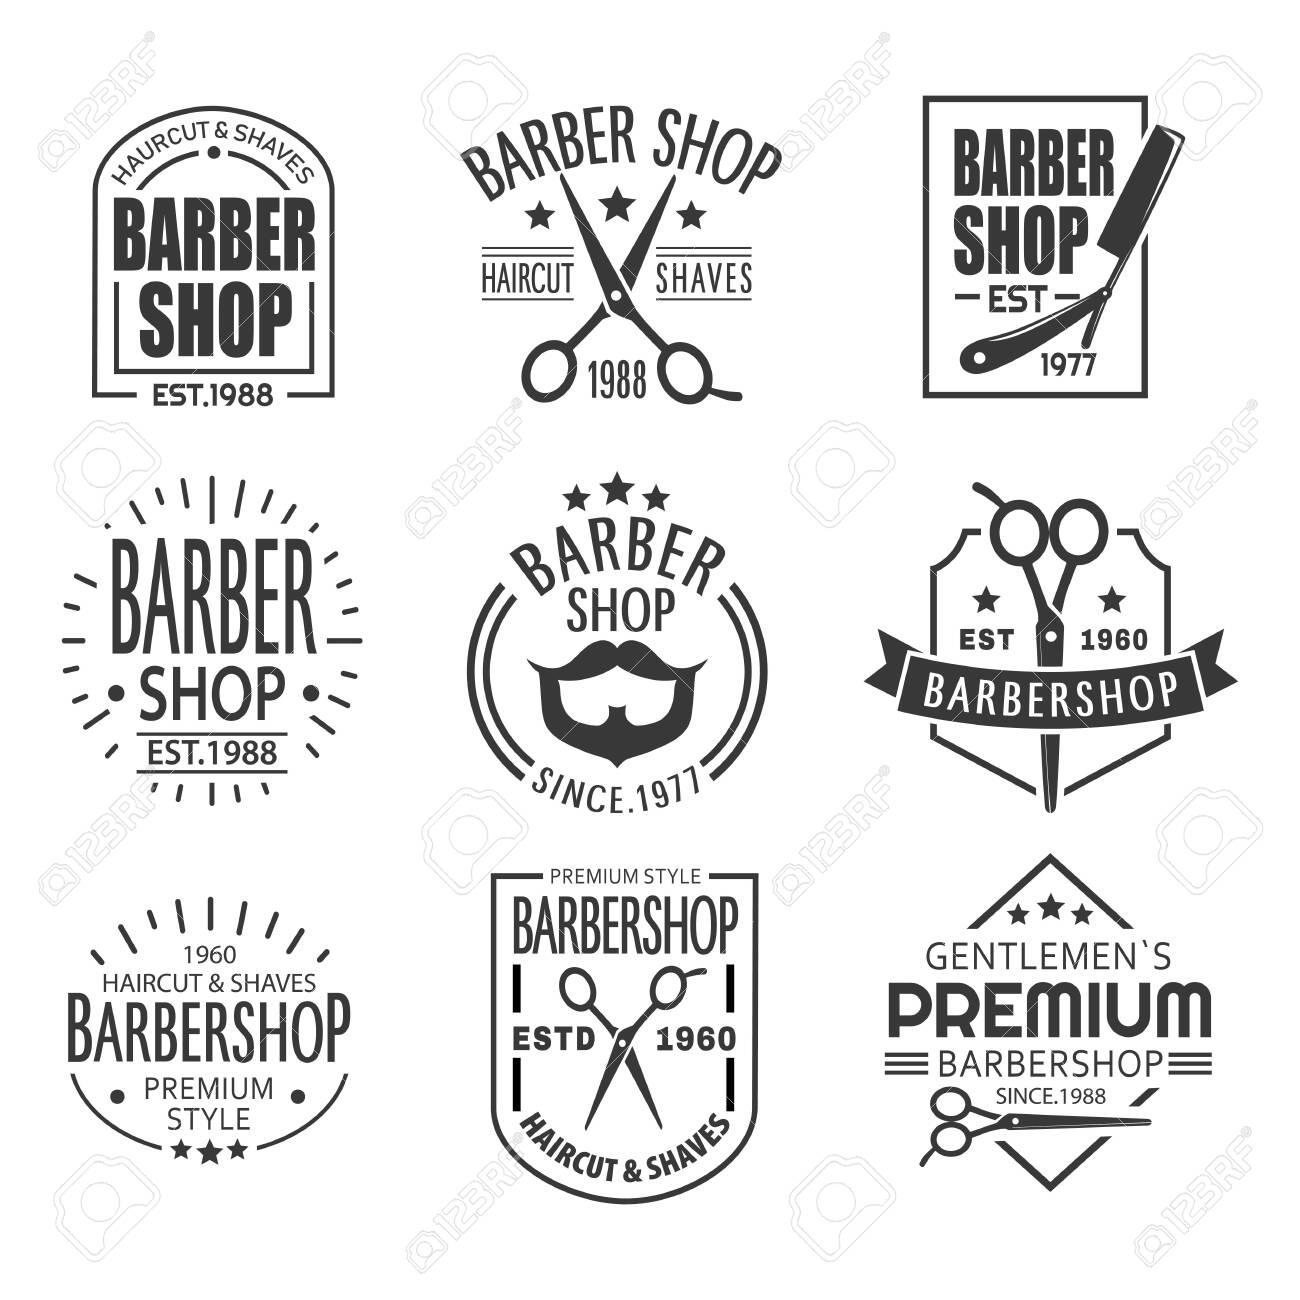 Set of isolated barber shop signboards or vintage barbershop